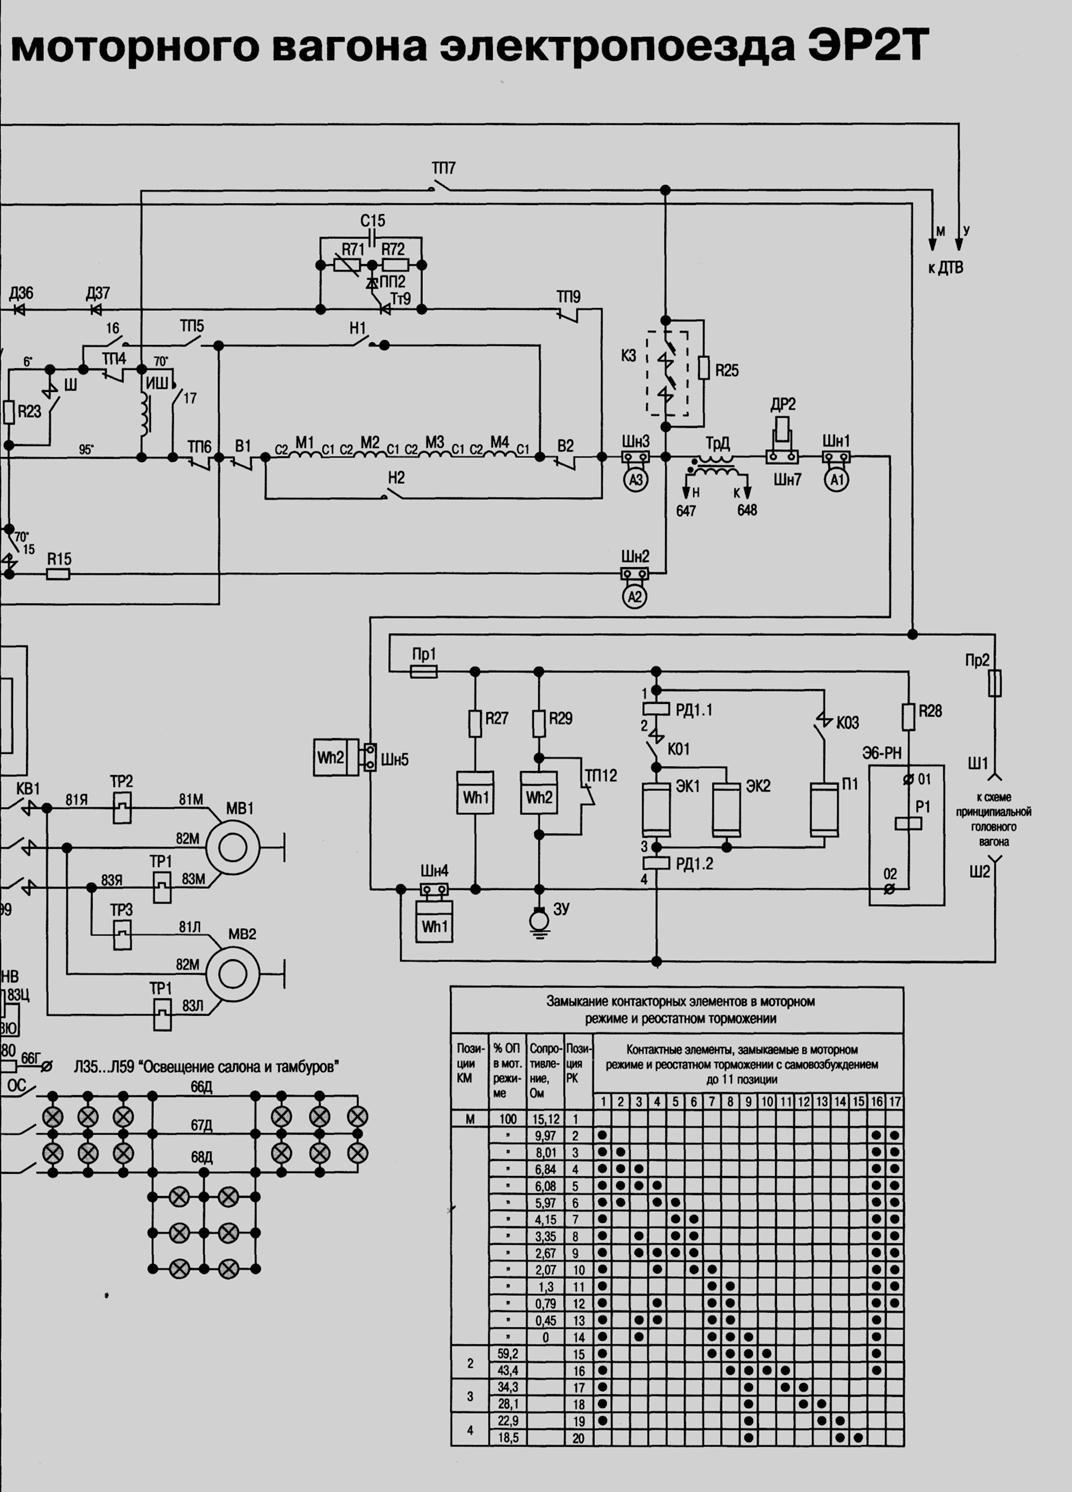 Силовые схемы электропоездов